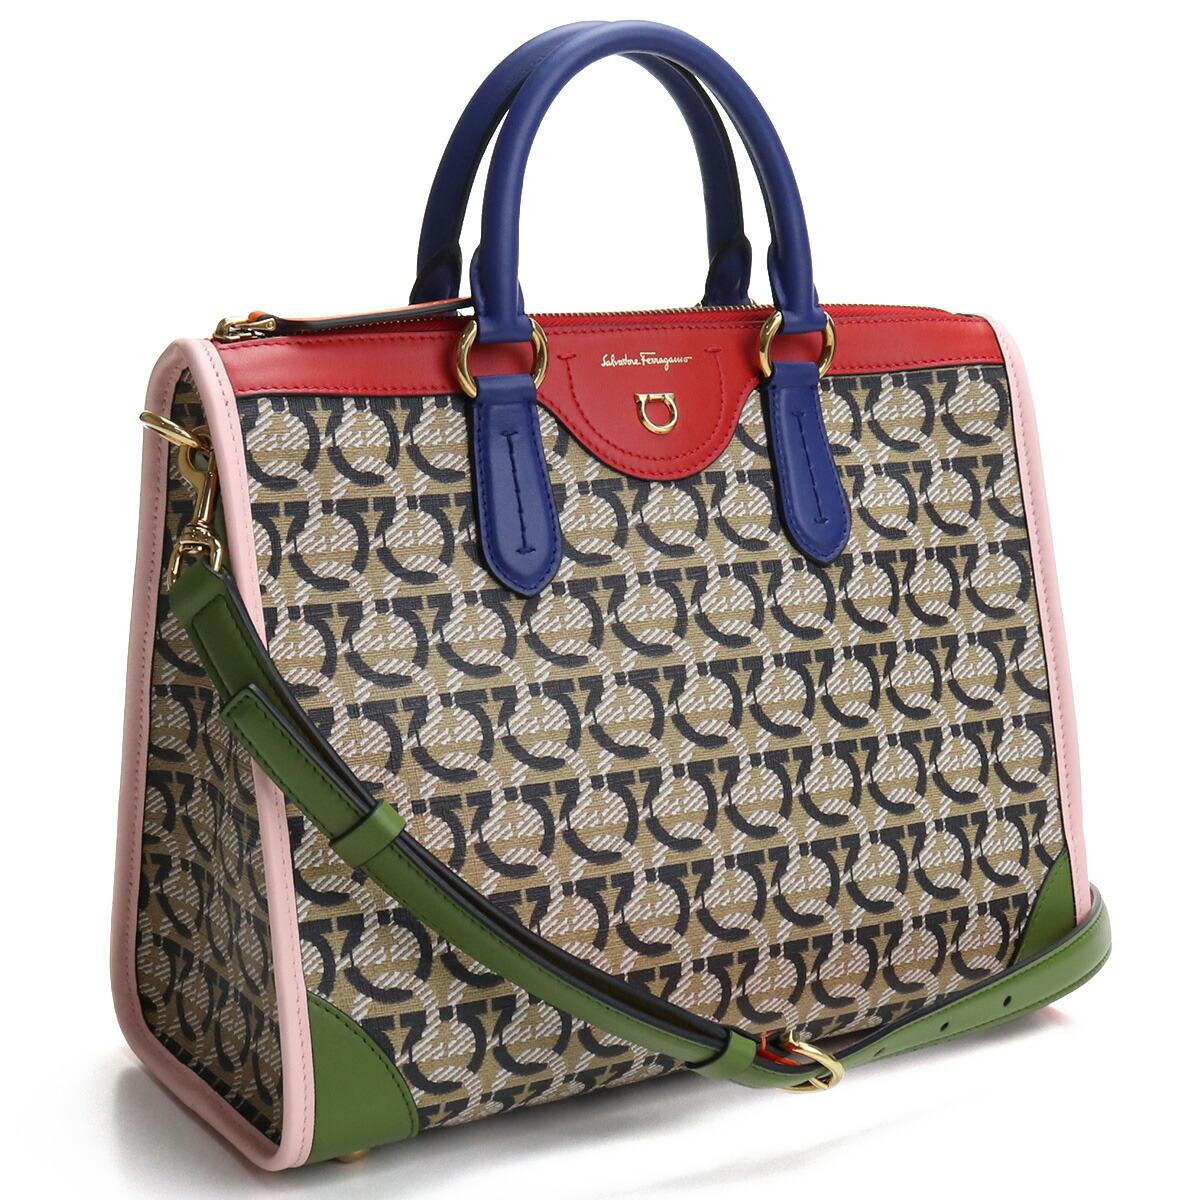 フェラガモ FERRAGAMO  ハンドバッグ ブランドバッグ 21-I074 0745734 GANCINISAND+FOSTER マルチカラー bos-31 bag-01